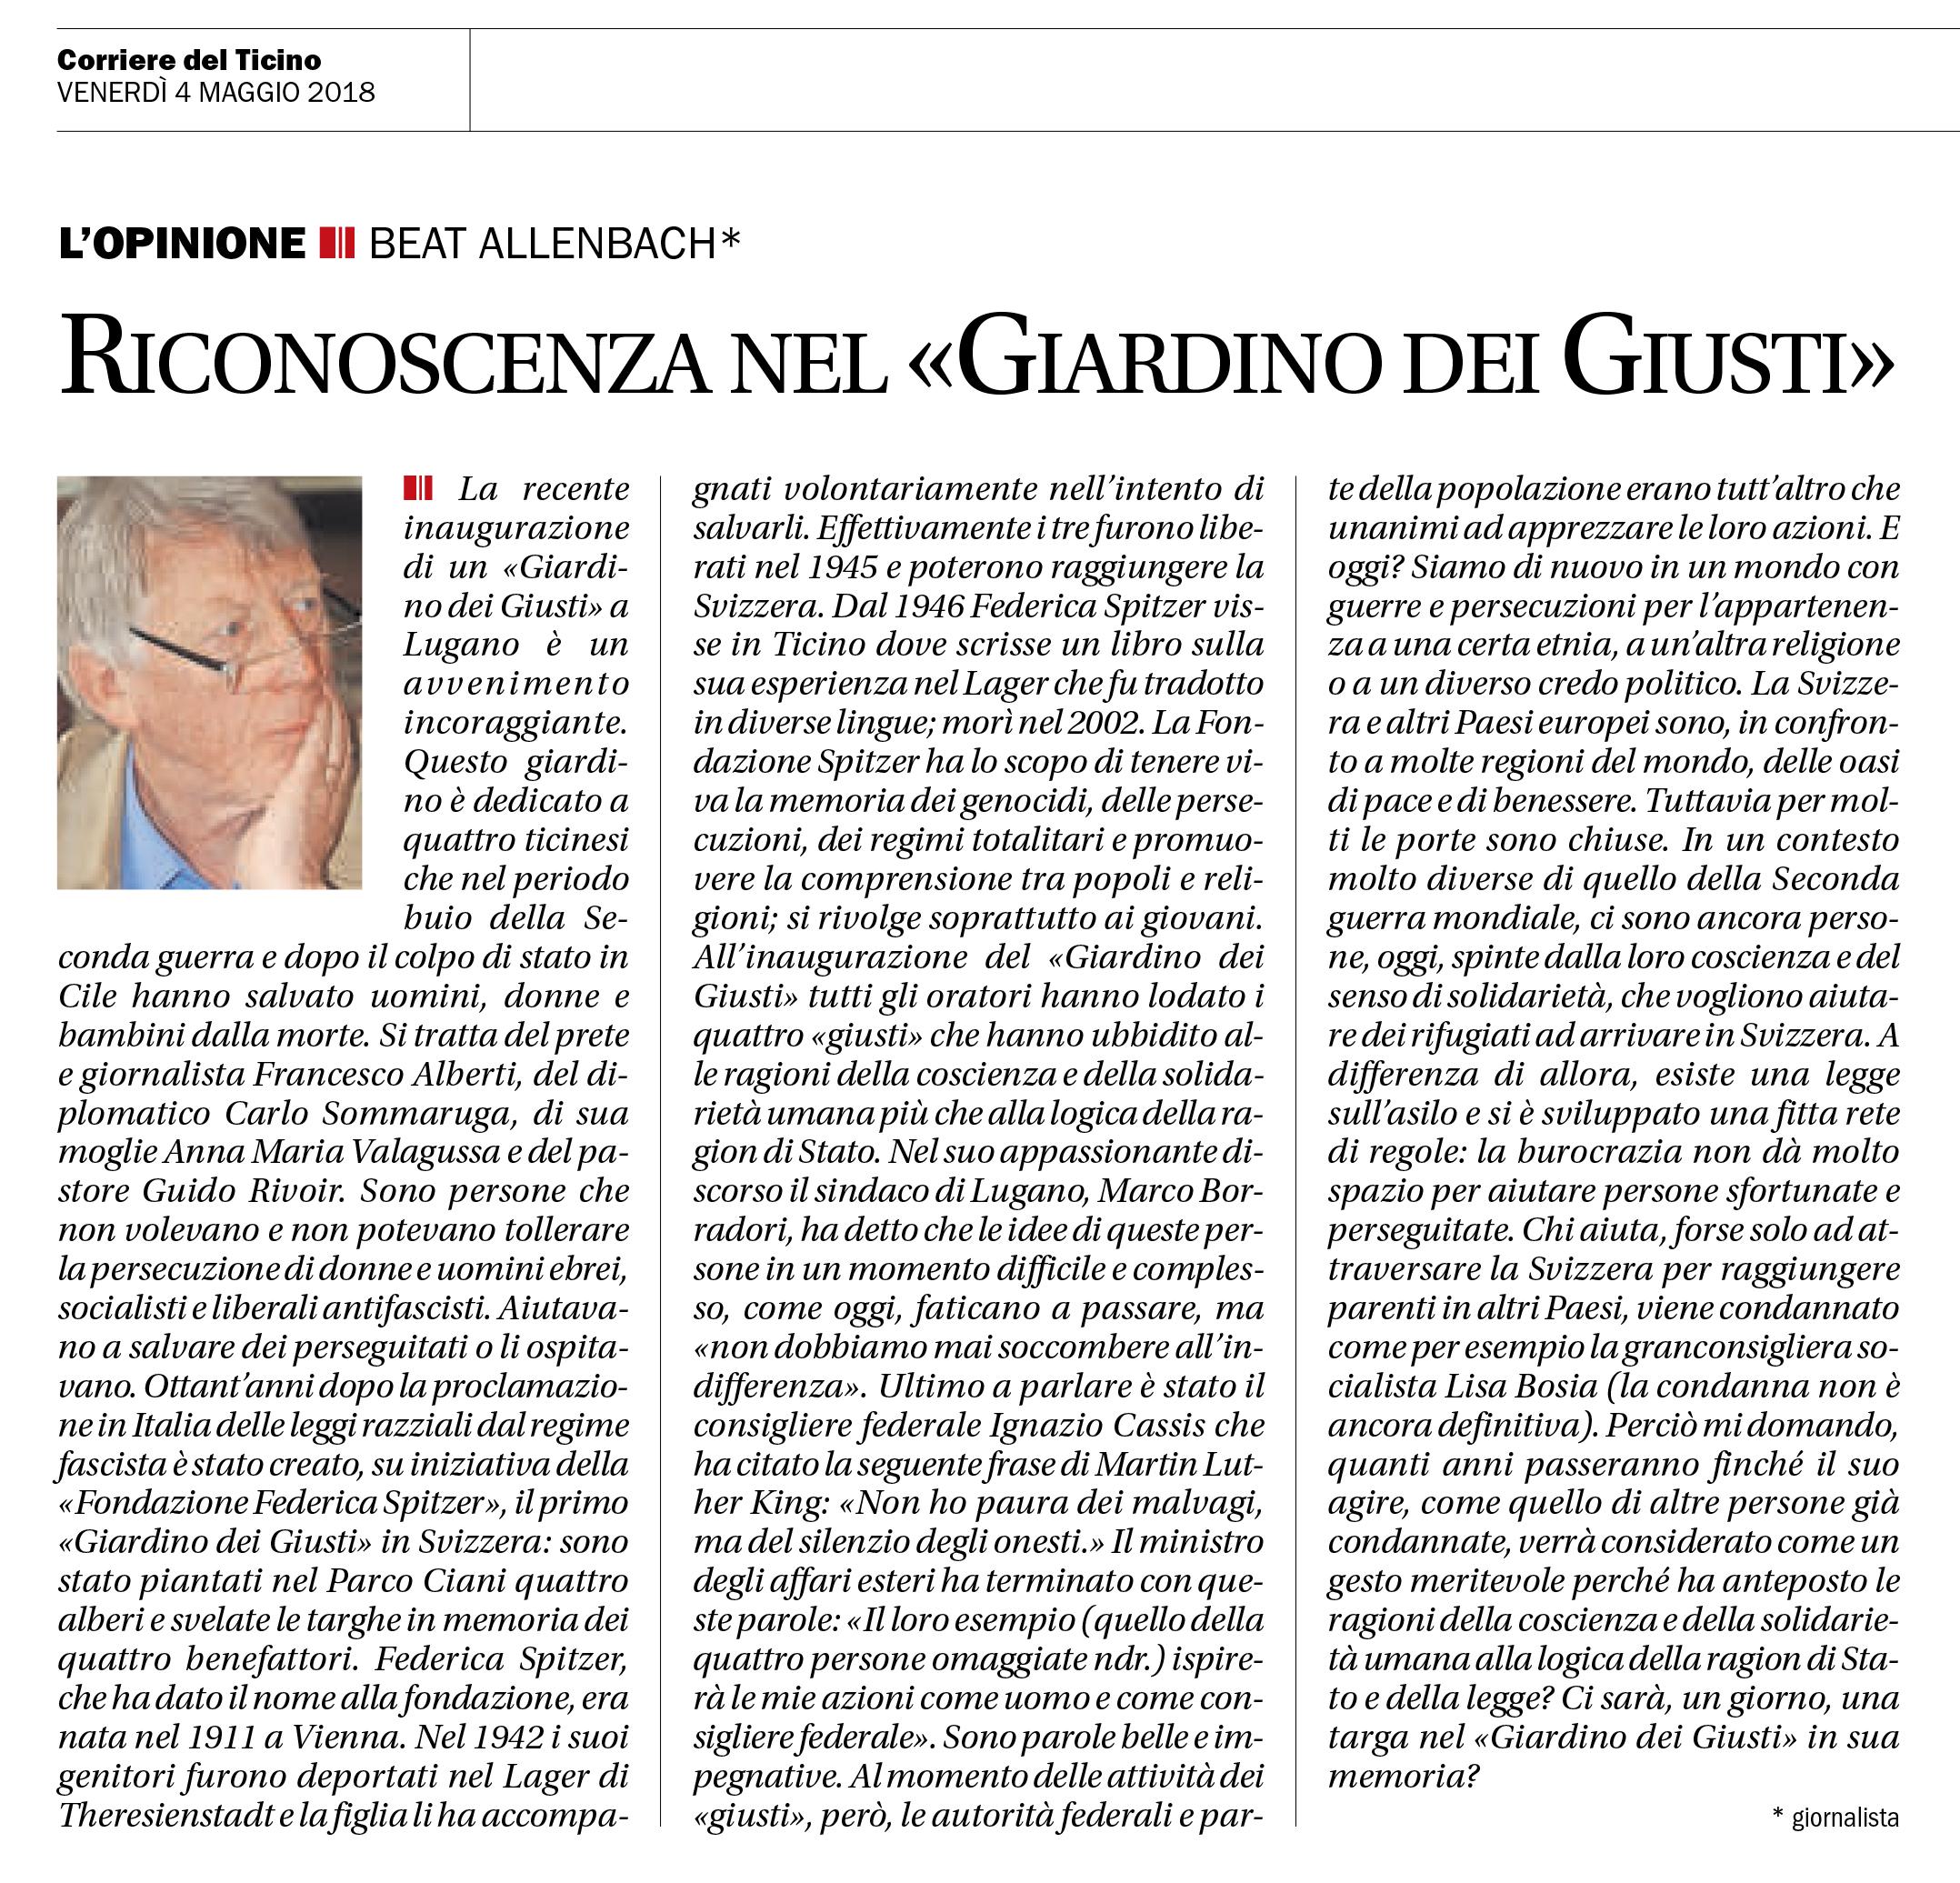 04.05.18 - Corriere del Ticino